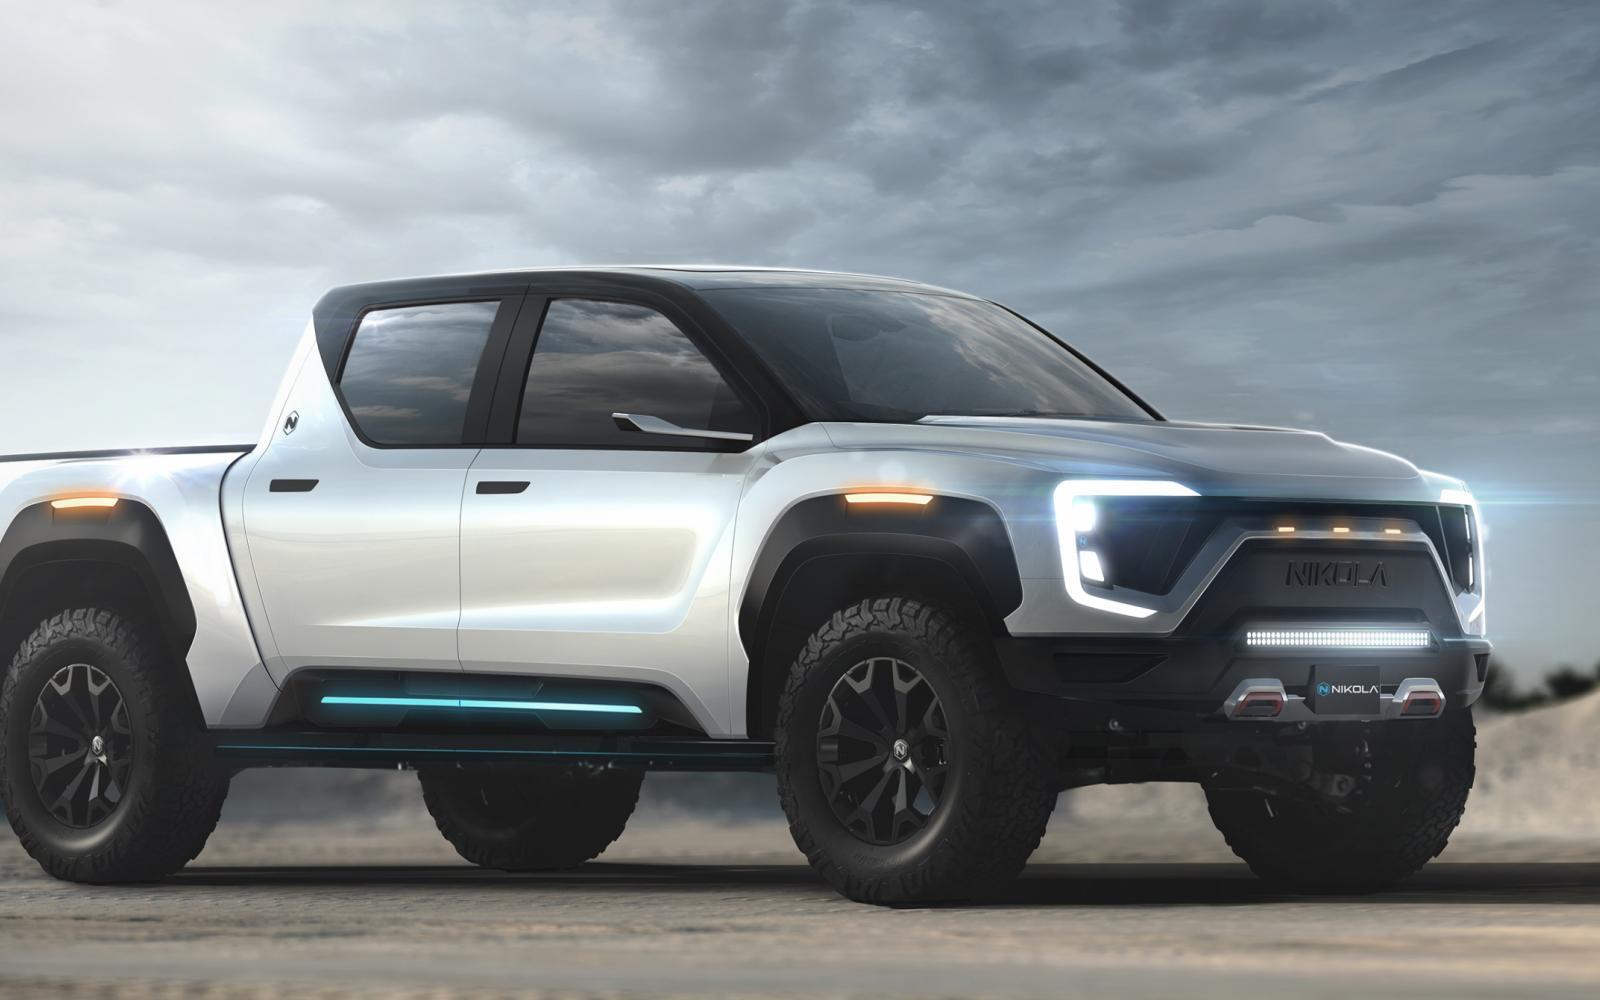 De Nikola Badger is de zoveelste elektrische pick-up truck